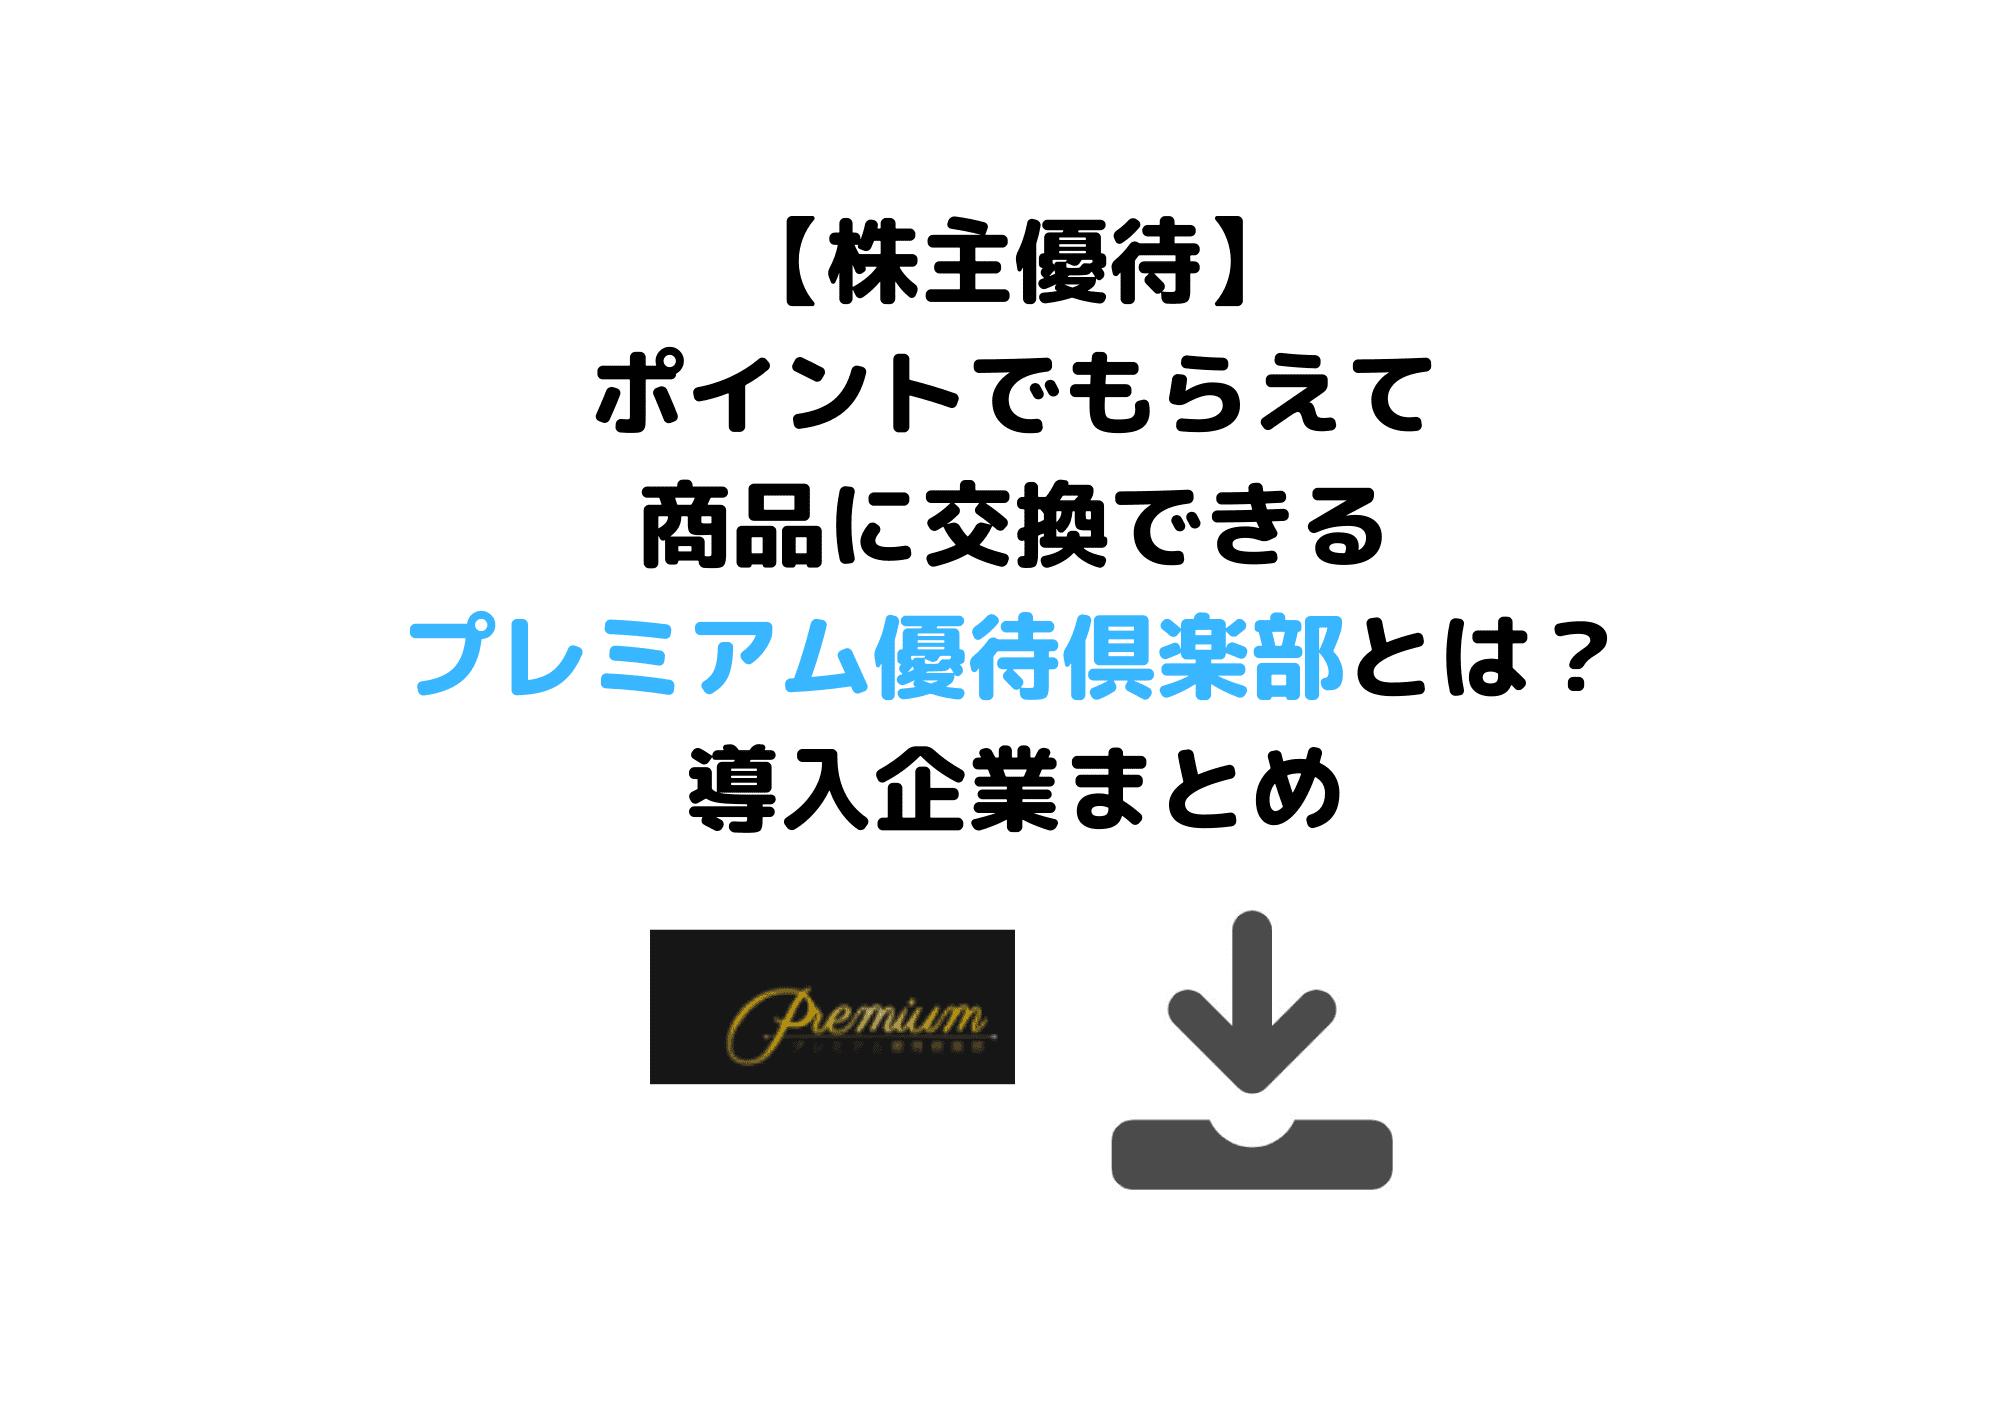 株主優待 プレミアム優待倶楽部